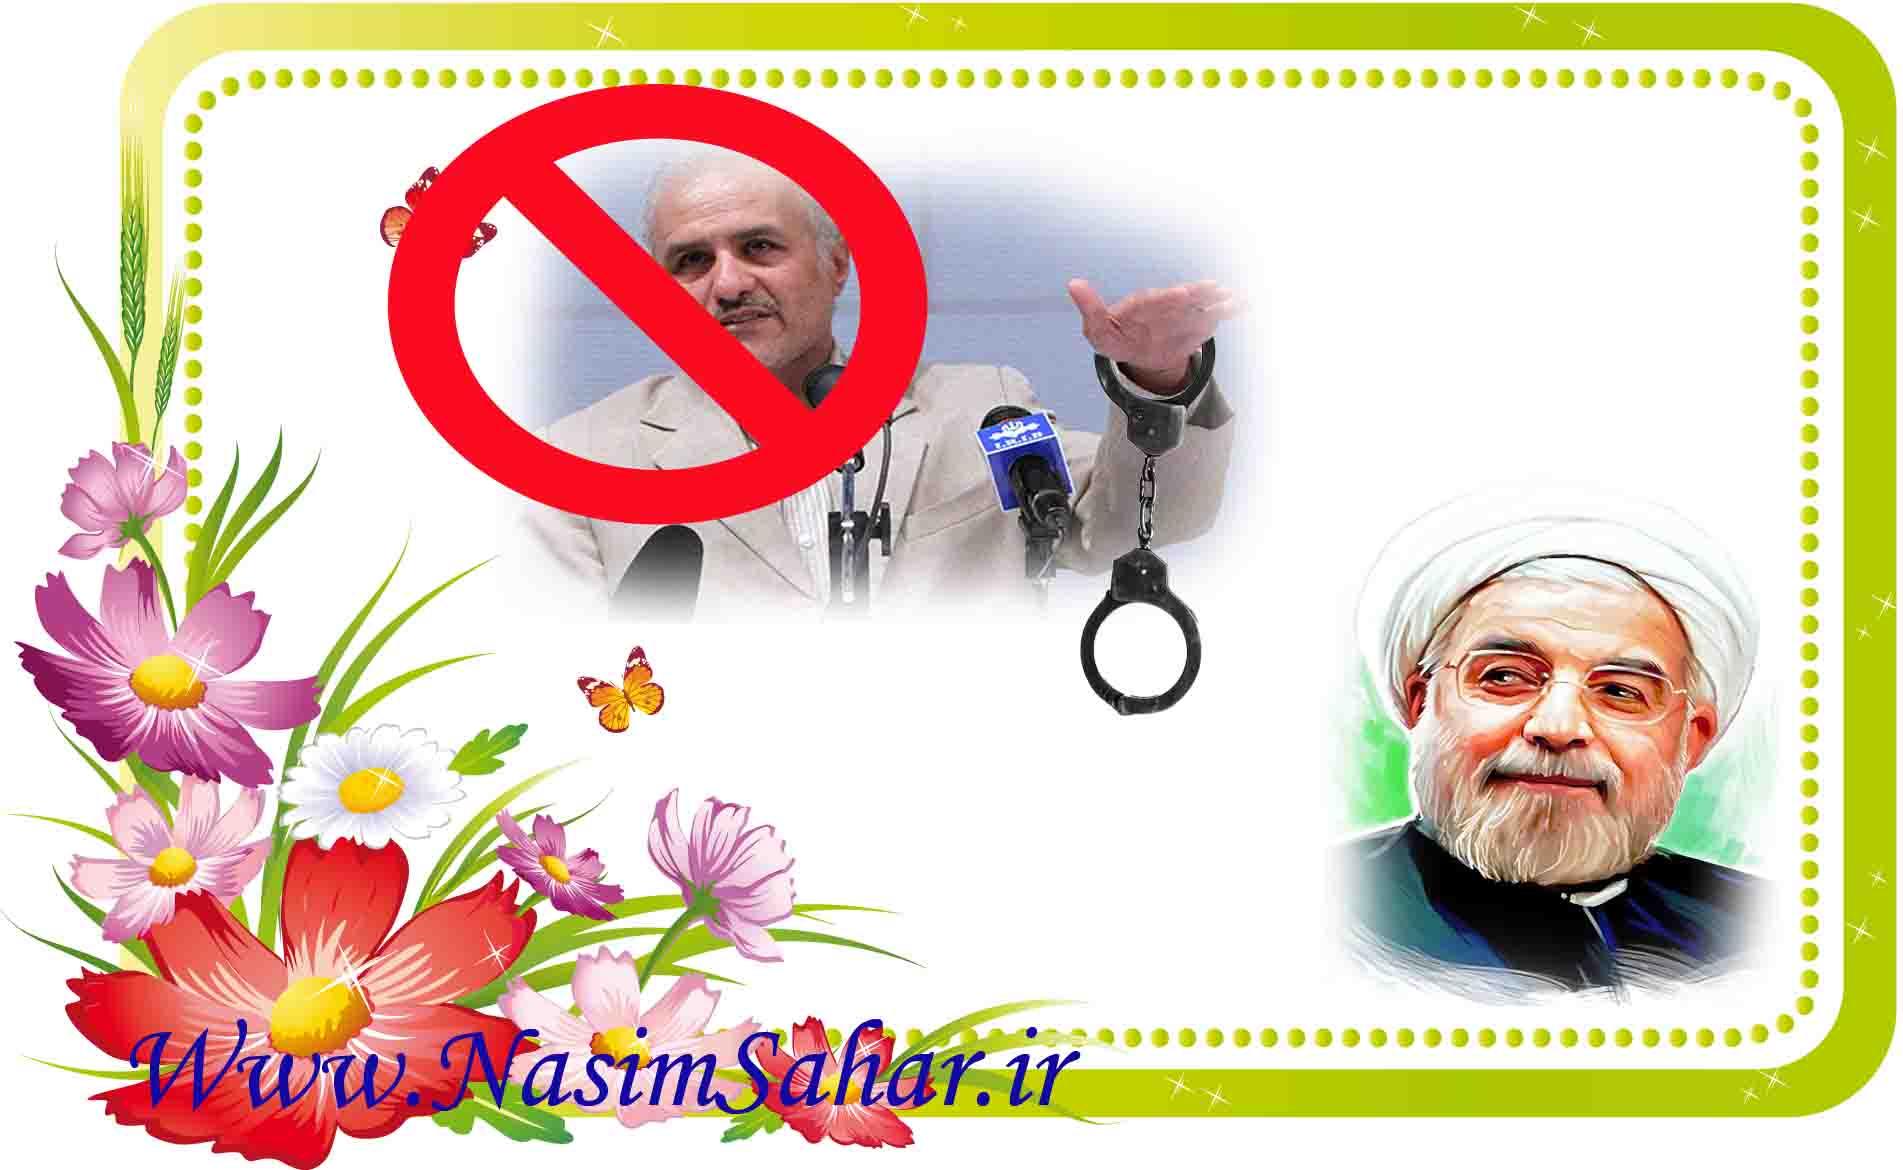 دکتر حسن روحانی از دکتر عباسی شکایت کرد